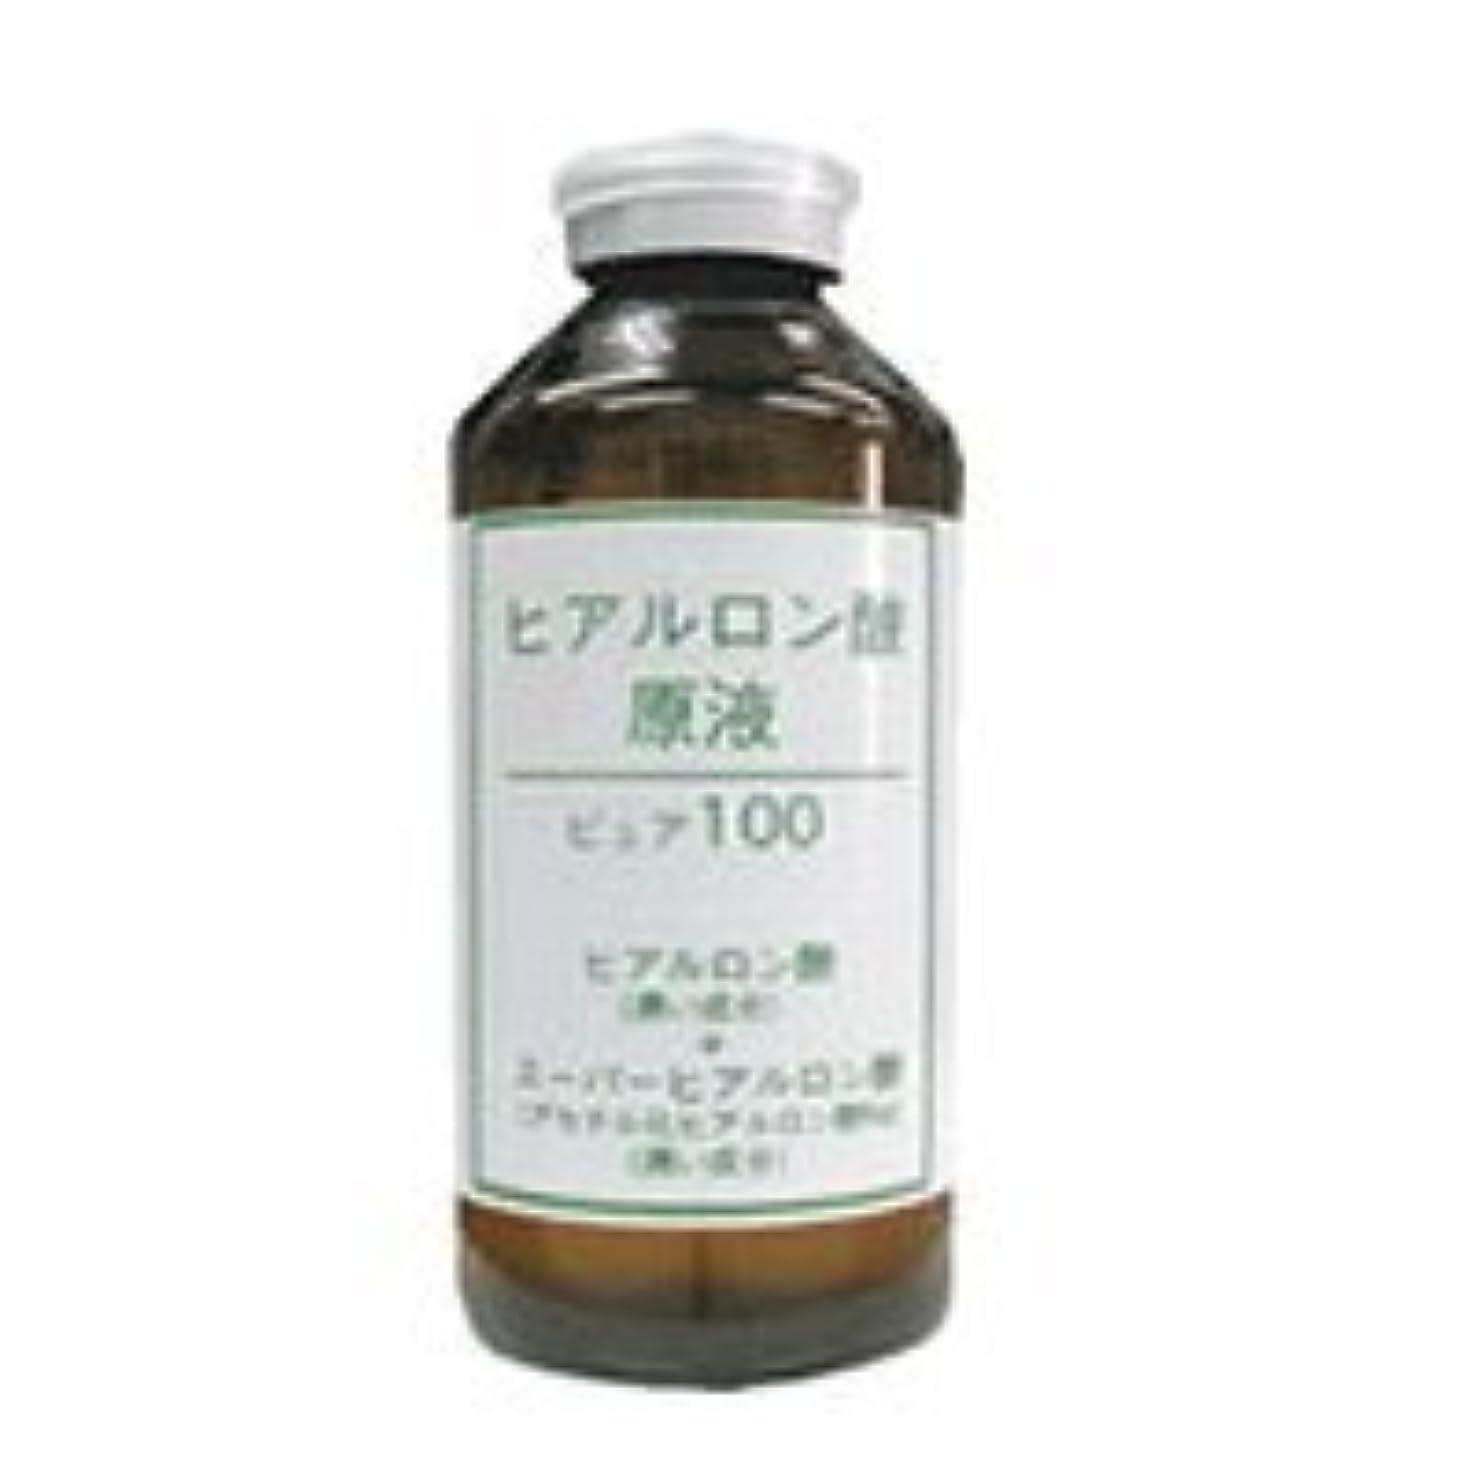 蚊バンケット火山ヒアルロン酸原液 ピュアエッセンス 55ml  ヒアルロン酸+スーパーヒアルロン酸